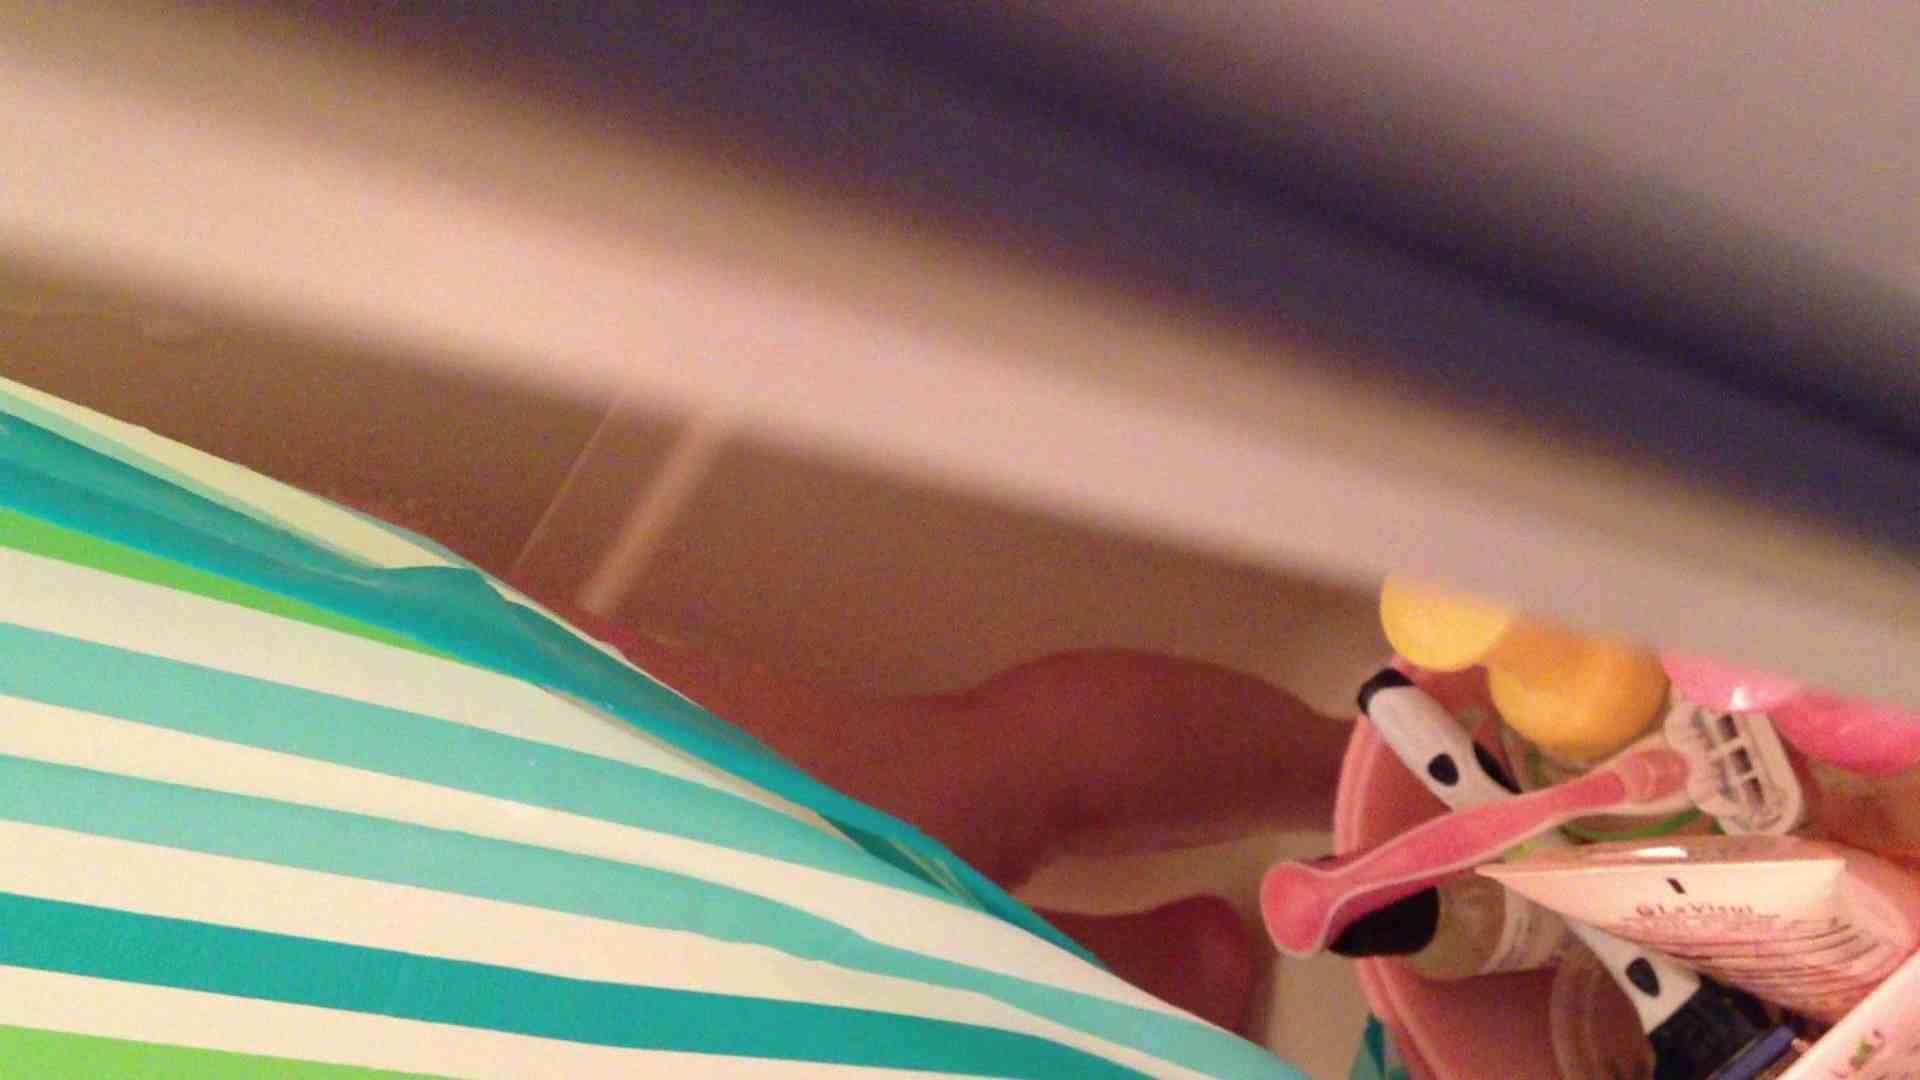 16(16日目)シャワー中にムダ毛処理をする彼女 パイパン  55PIX 16